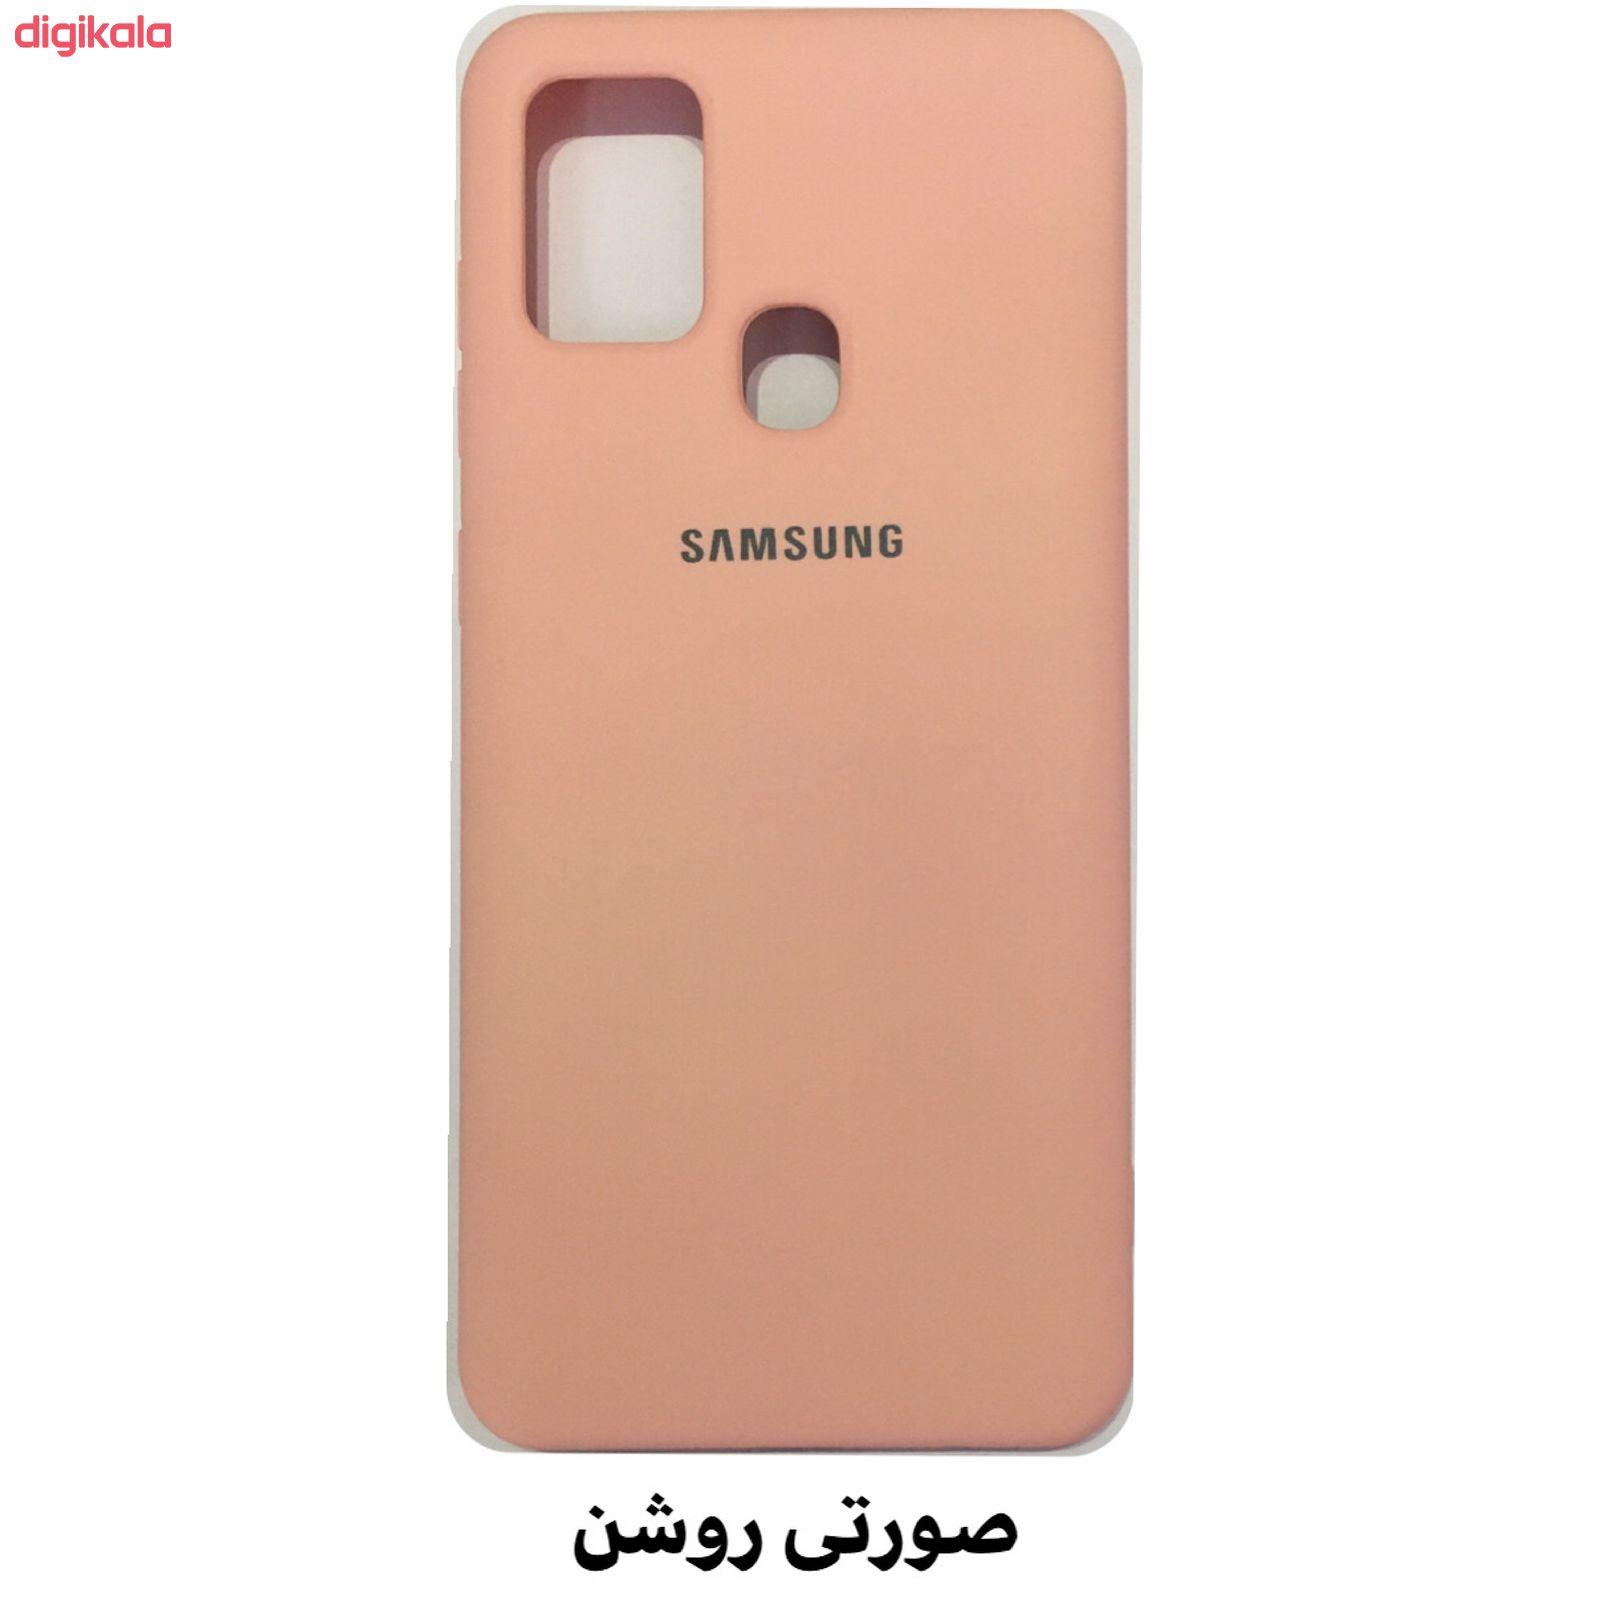 کاور مدل Sil-0021s مناسب برای گوشی موبایل سامسونگ Galaxy A21s main 1 7